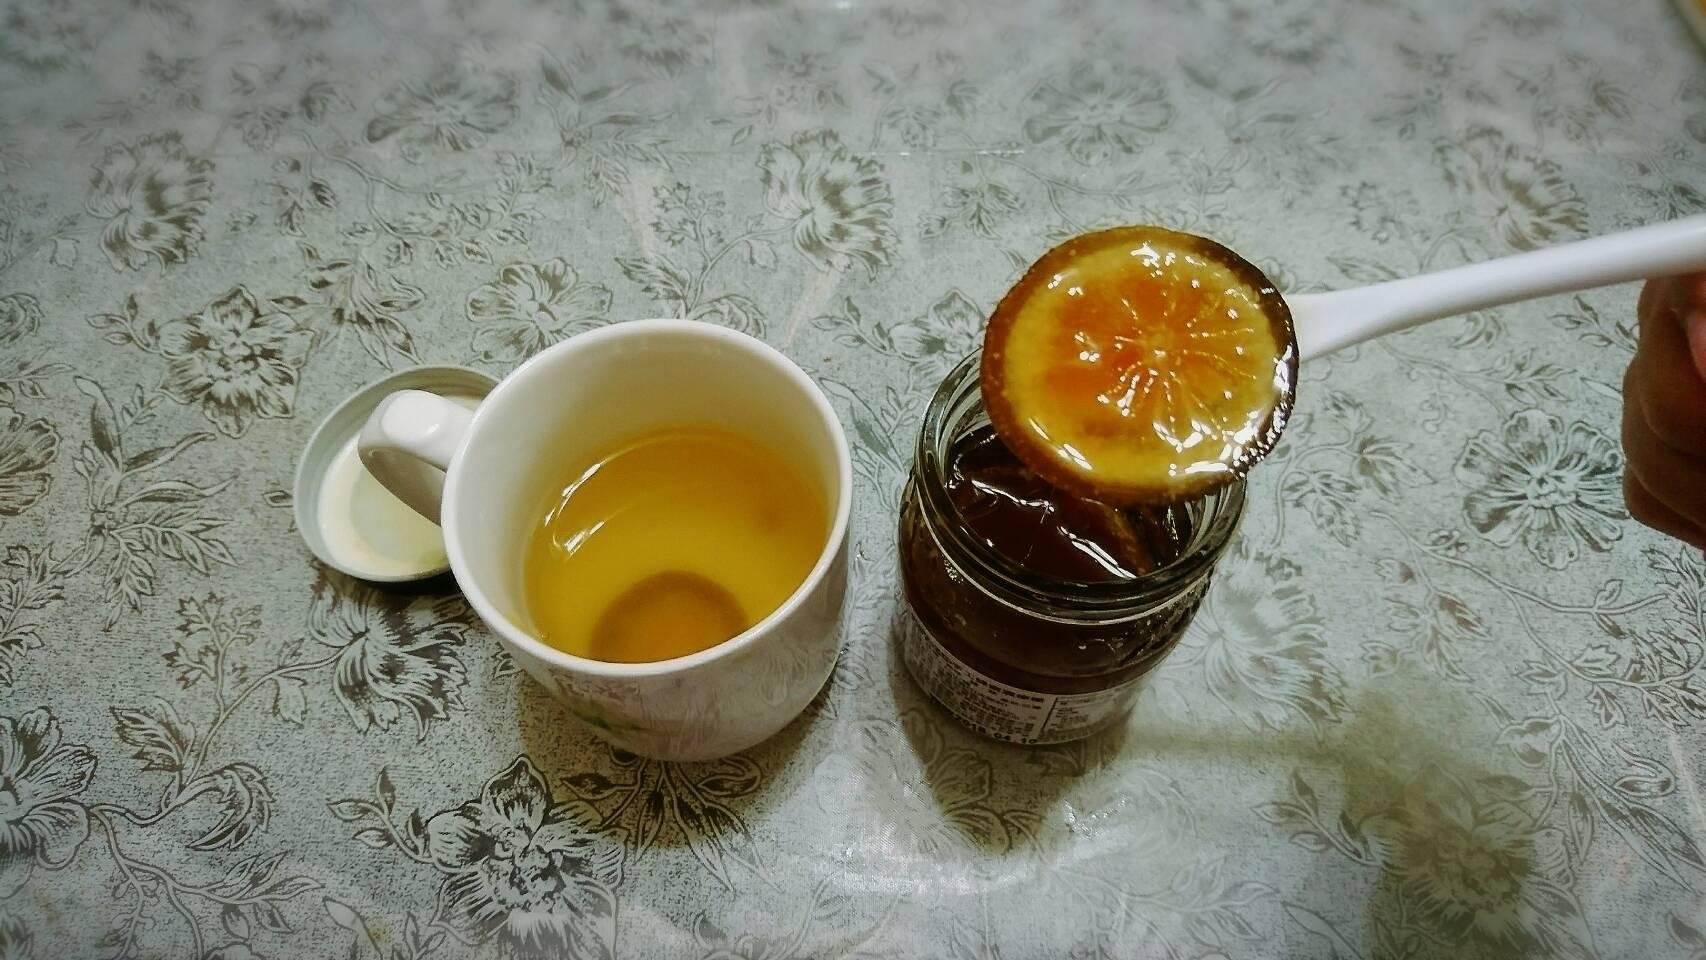 MO試用_《【吃吃BAR】蜂蜜漬檸檬》:清涼消暑的好夥伴!